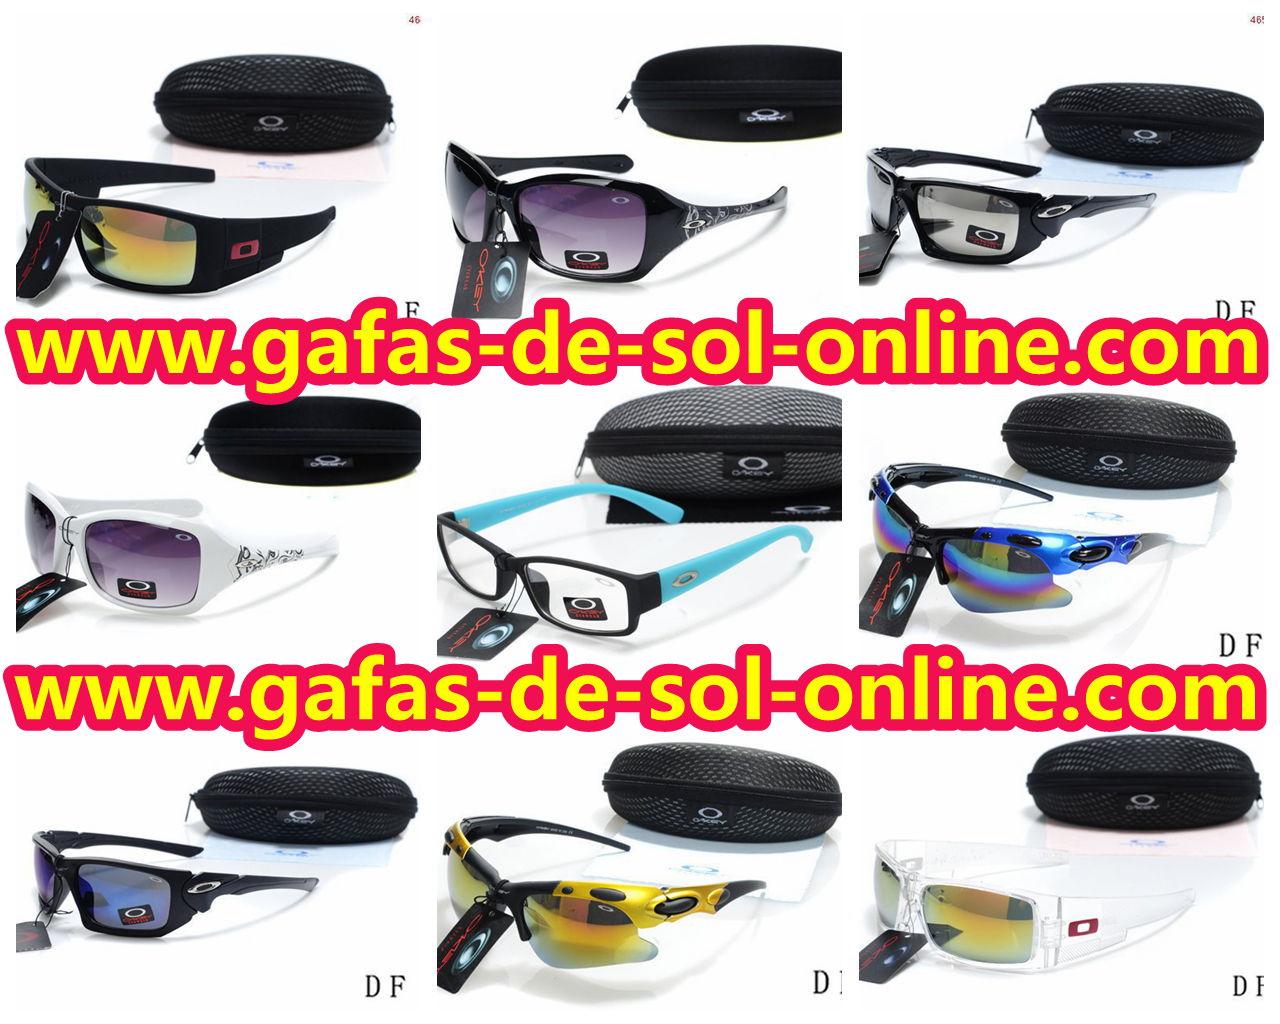 gafas de sol ray ban 2015 imitacion